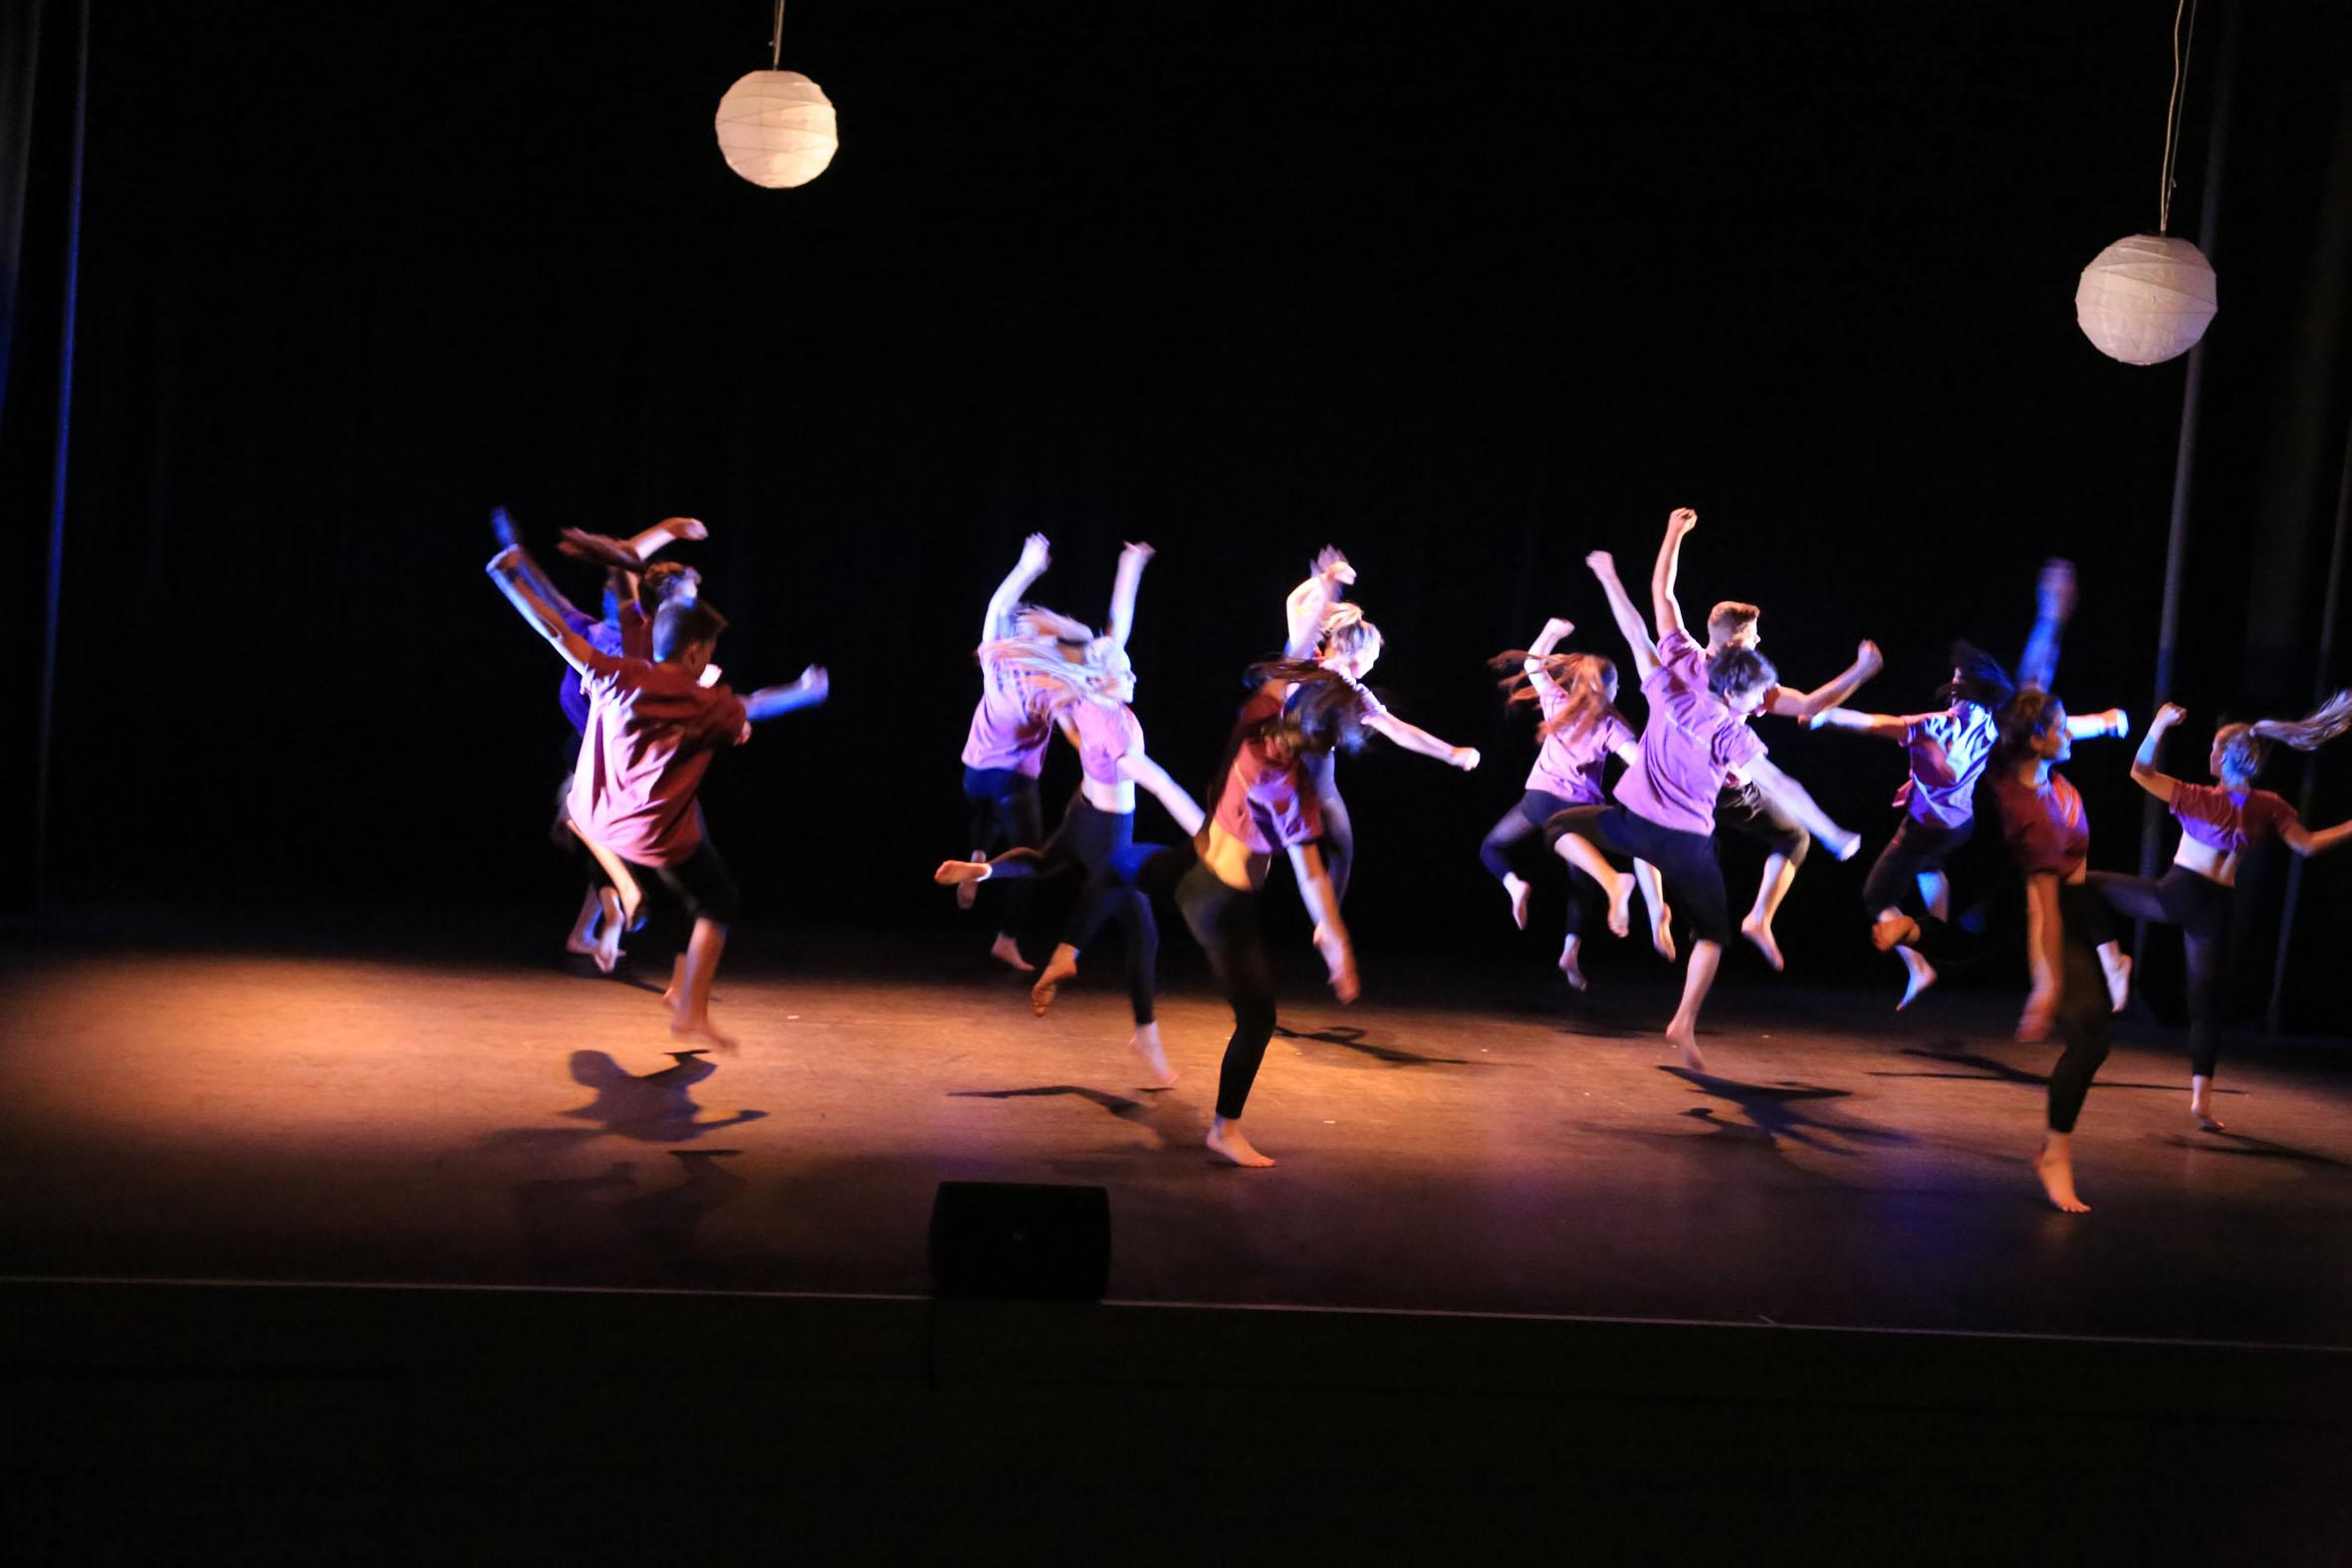 Dexterity Dance School